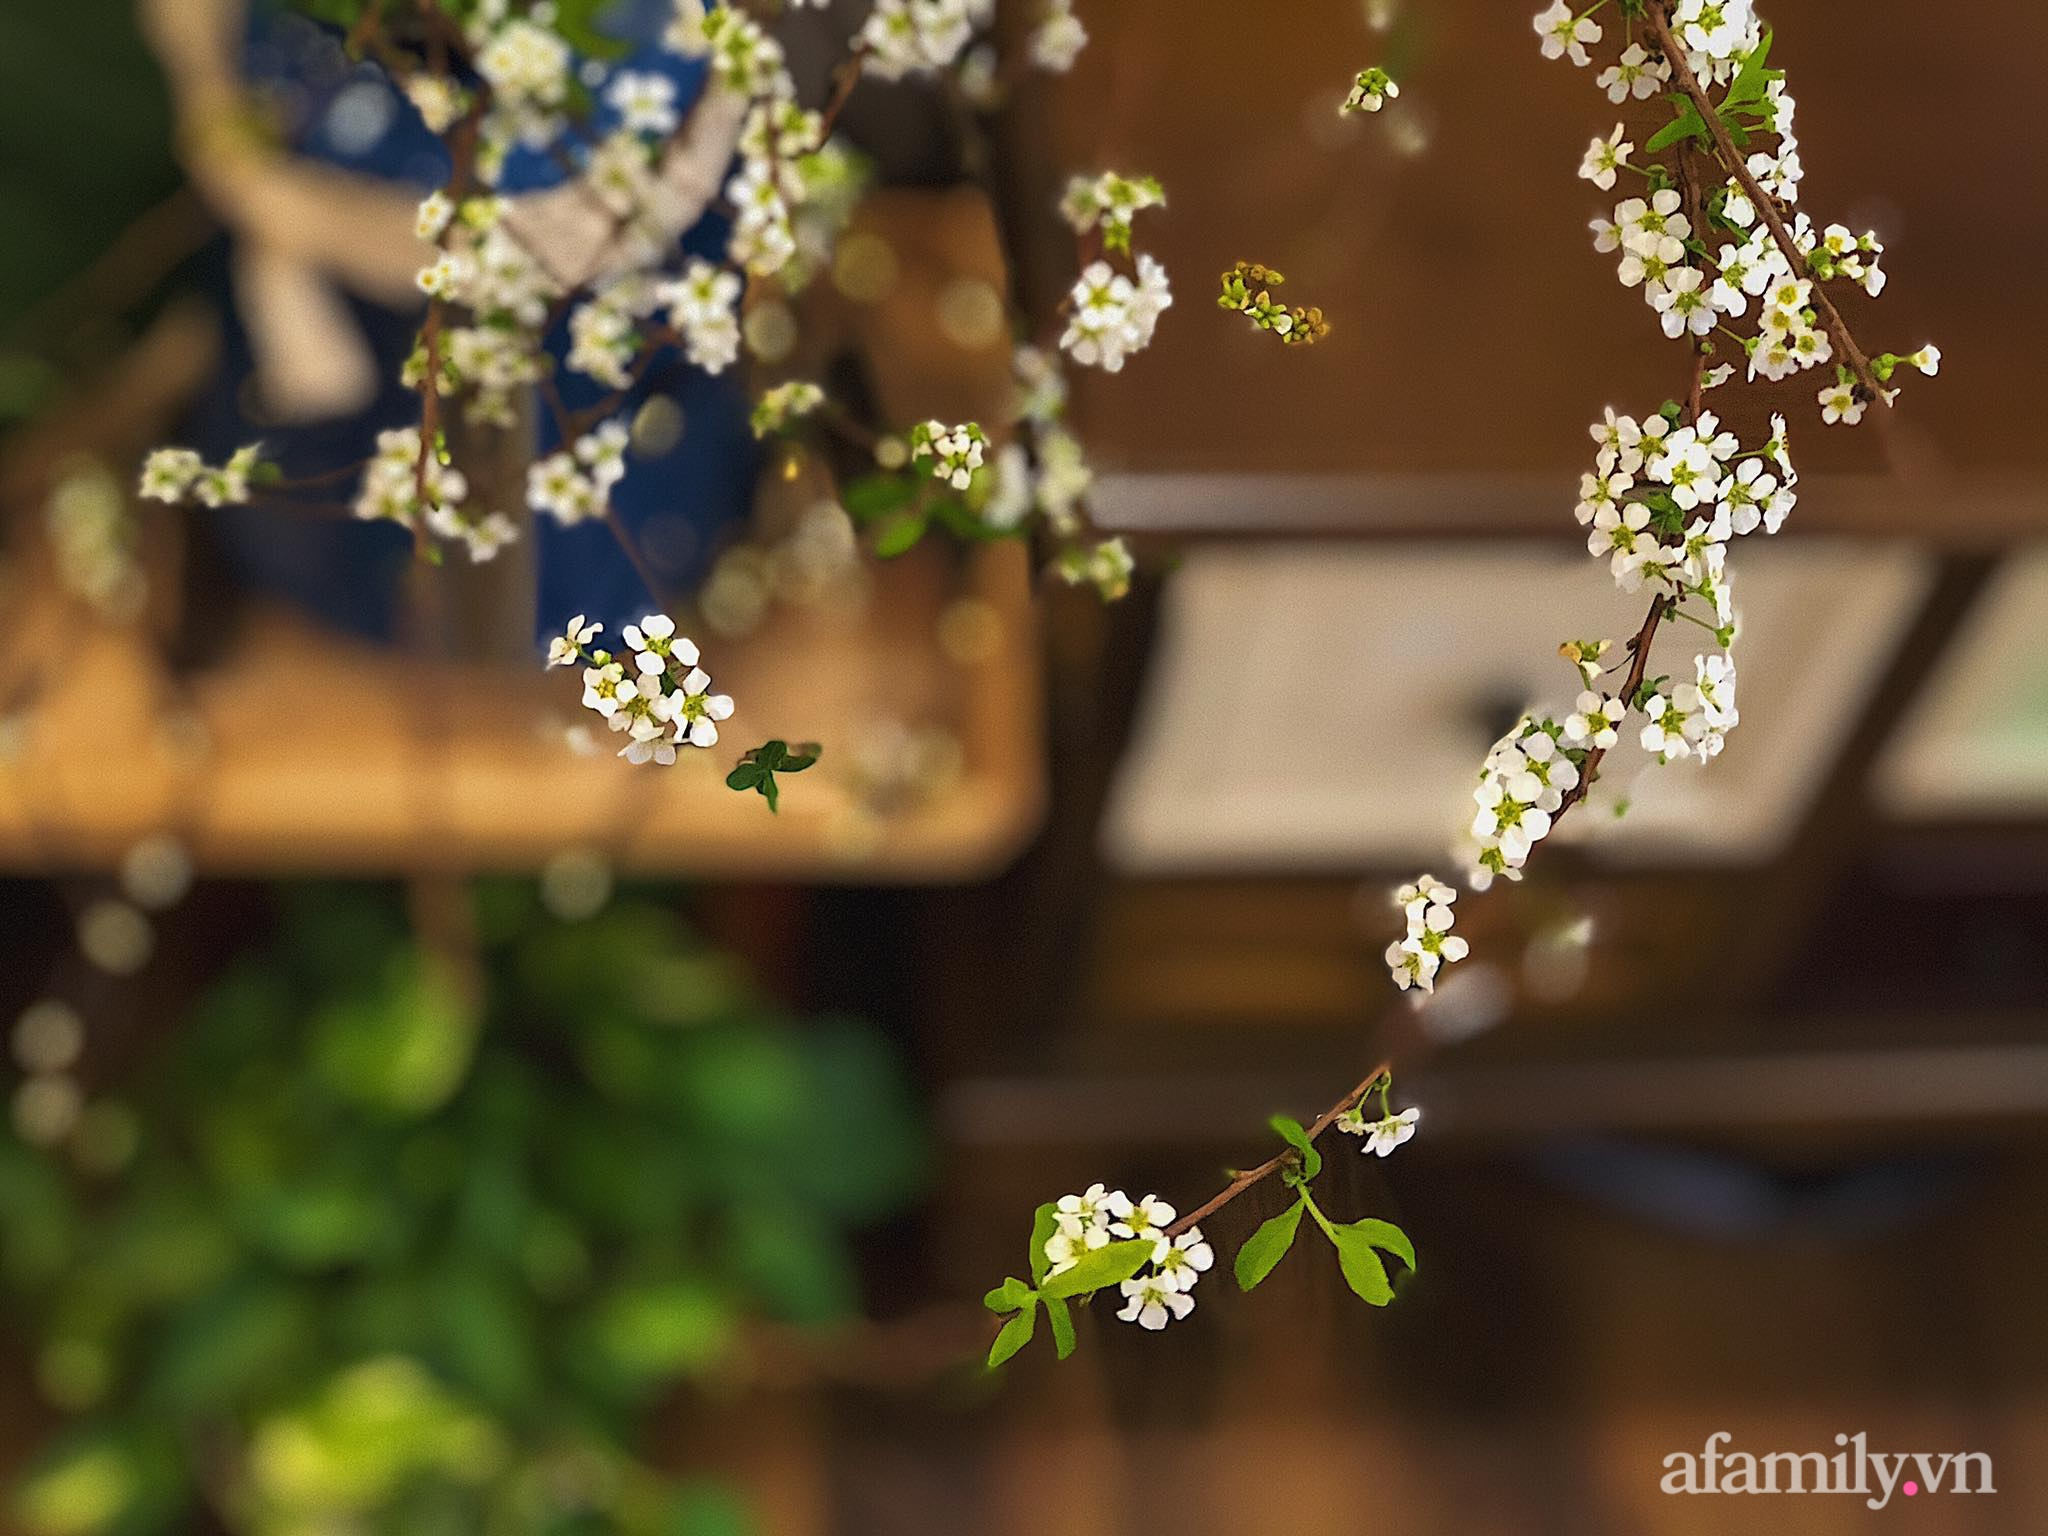 Mẻ đảm Hà Nội khéo mang Tết vào tổ ấm đẹp duyên dáng với gốm và hoa - Ảnh 2.